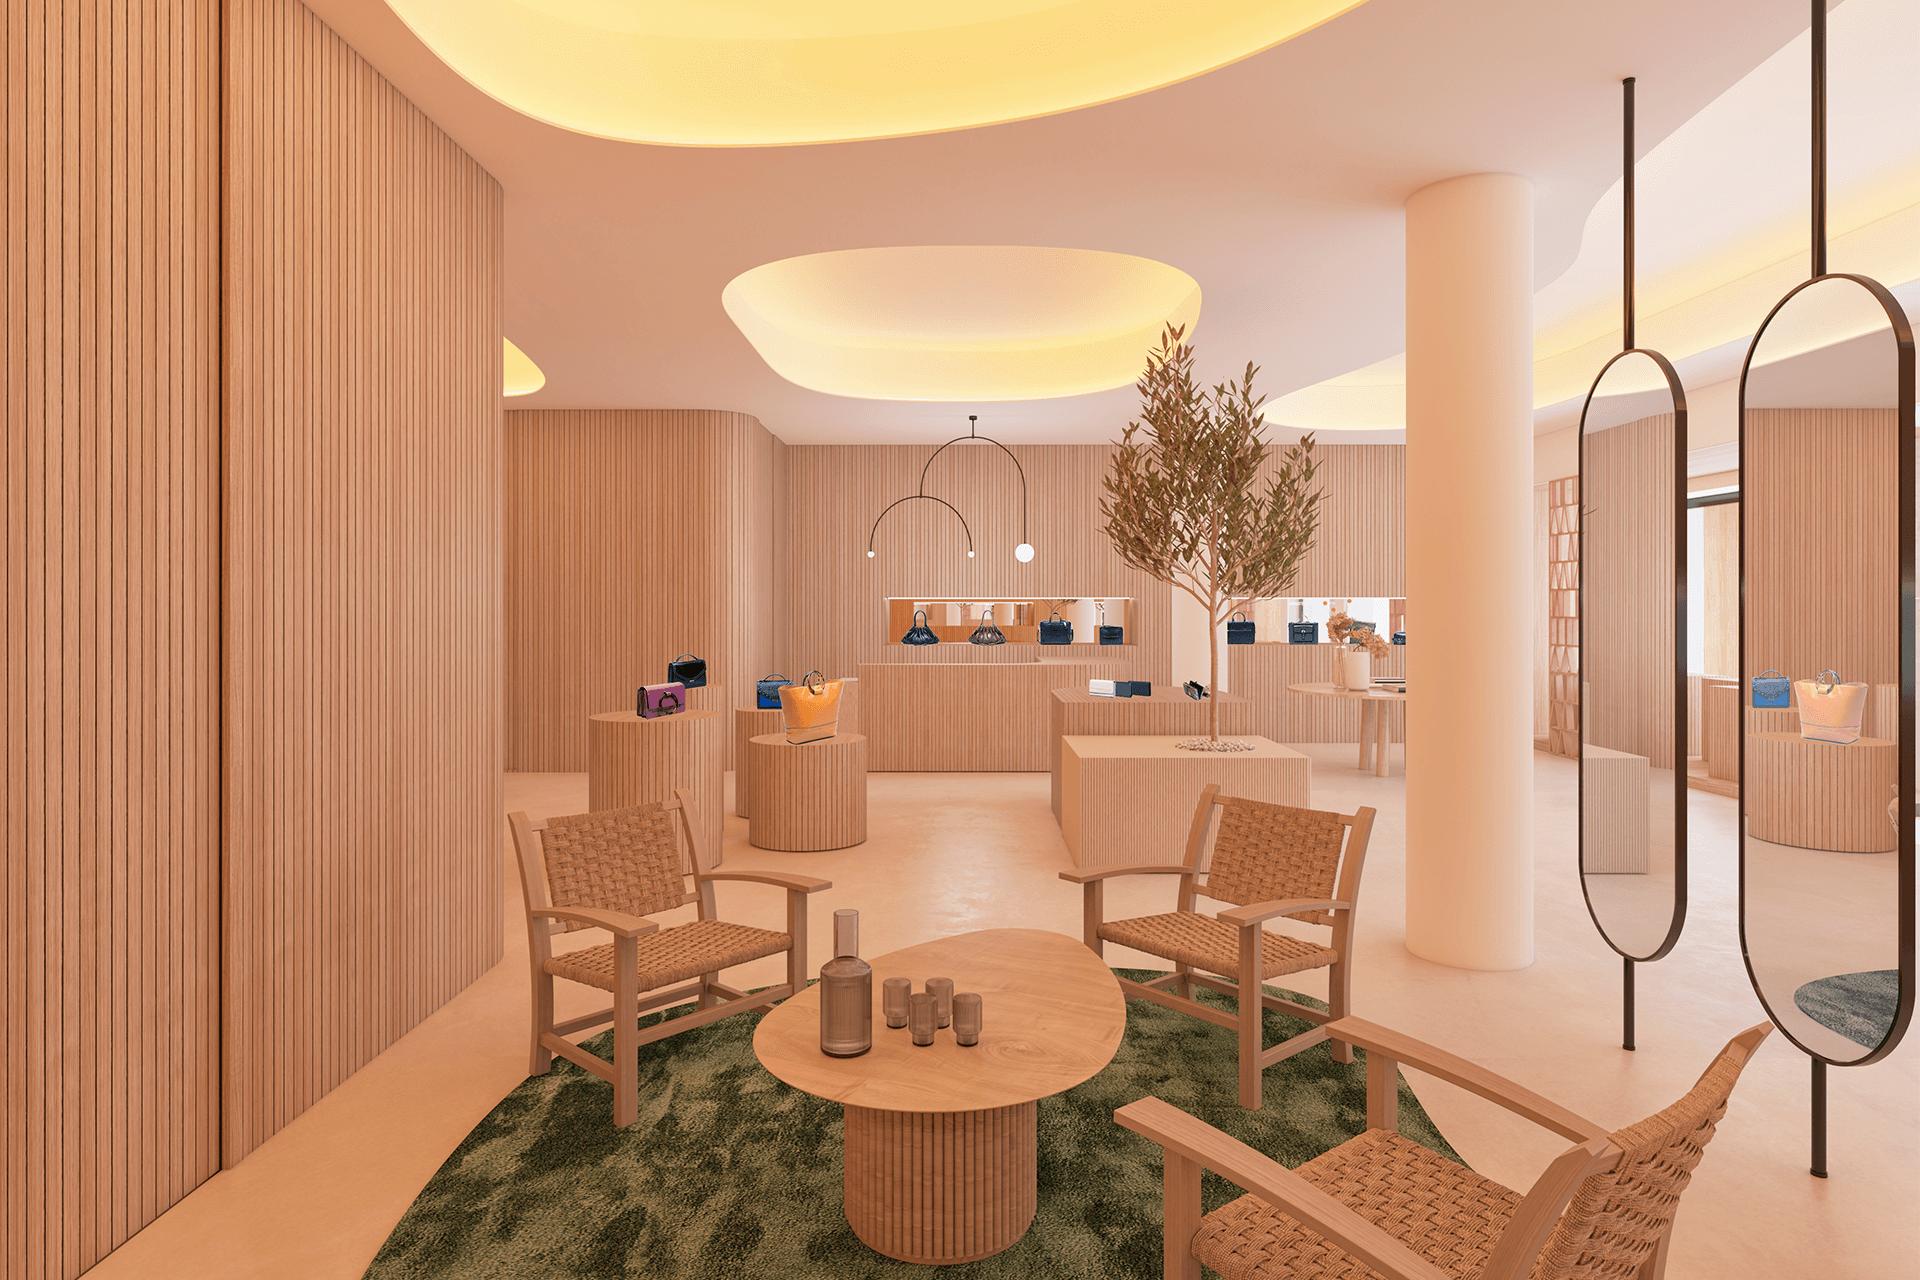 Con lujuso en cada proyecto son una tendnecia para el mundo de interiorismo, mezclando y inspirando todos los amantes de diseño de interiores.